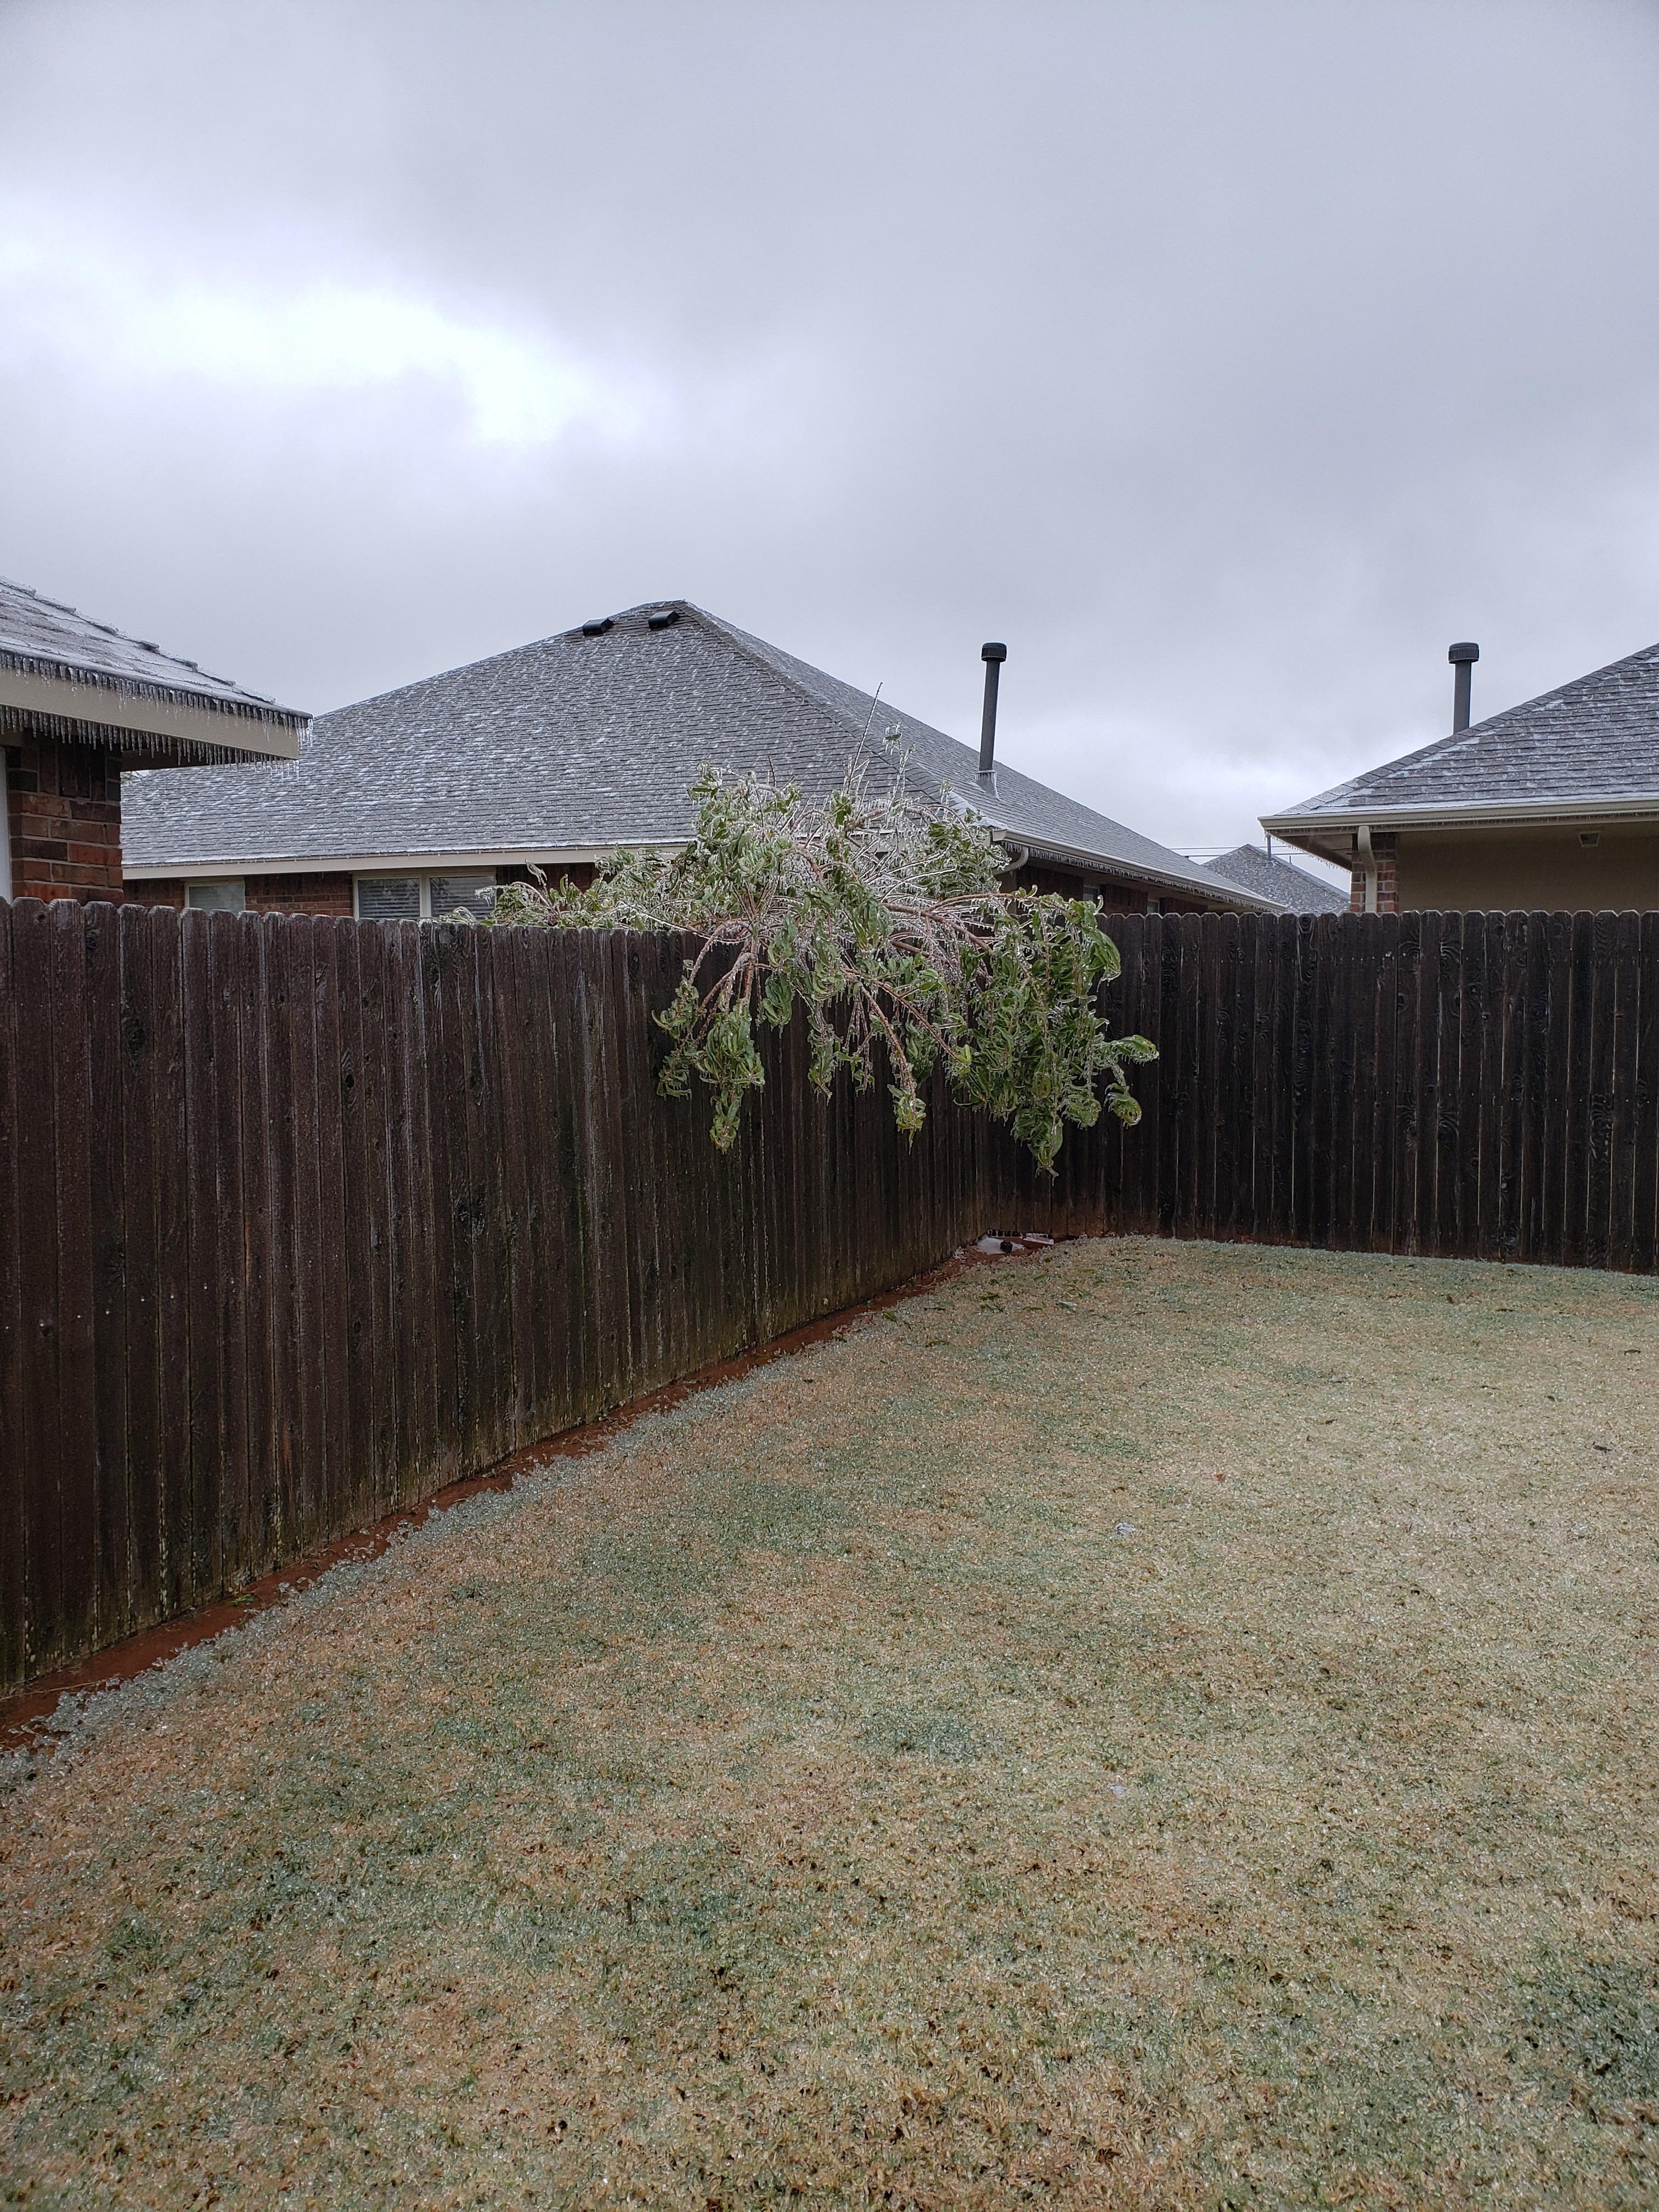 Ice-tree-2.jpg